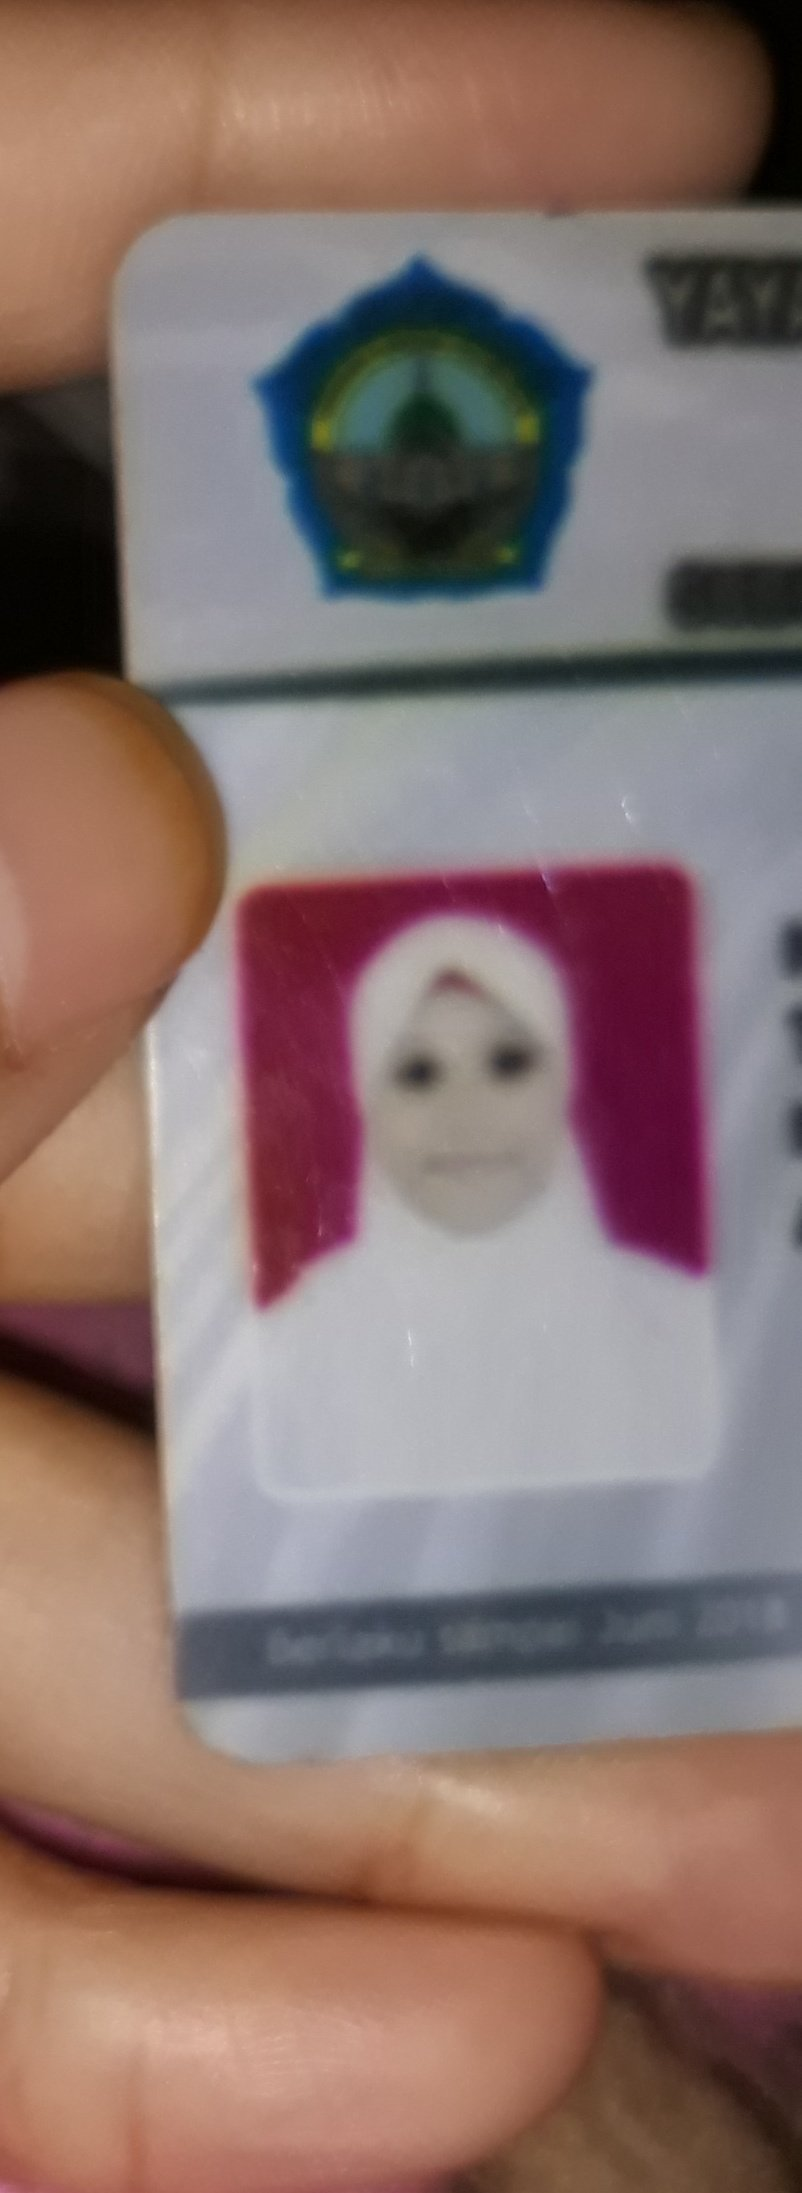 Foto pelajar di kartu identitas © berbagai sumber